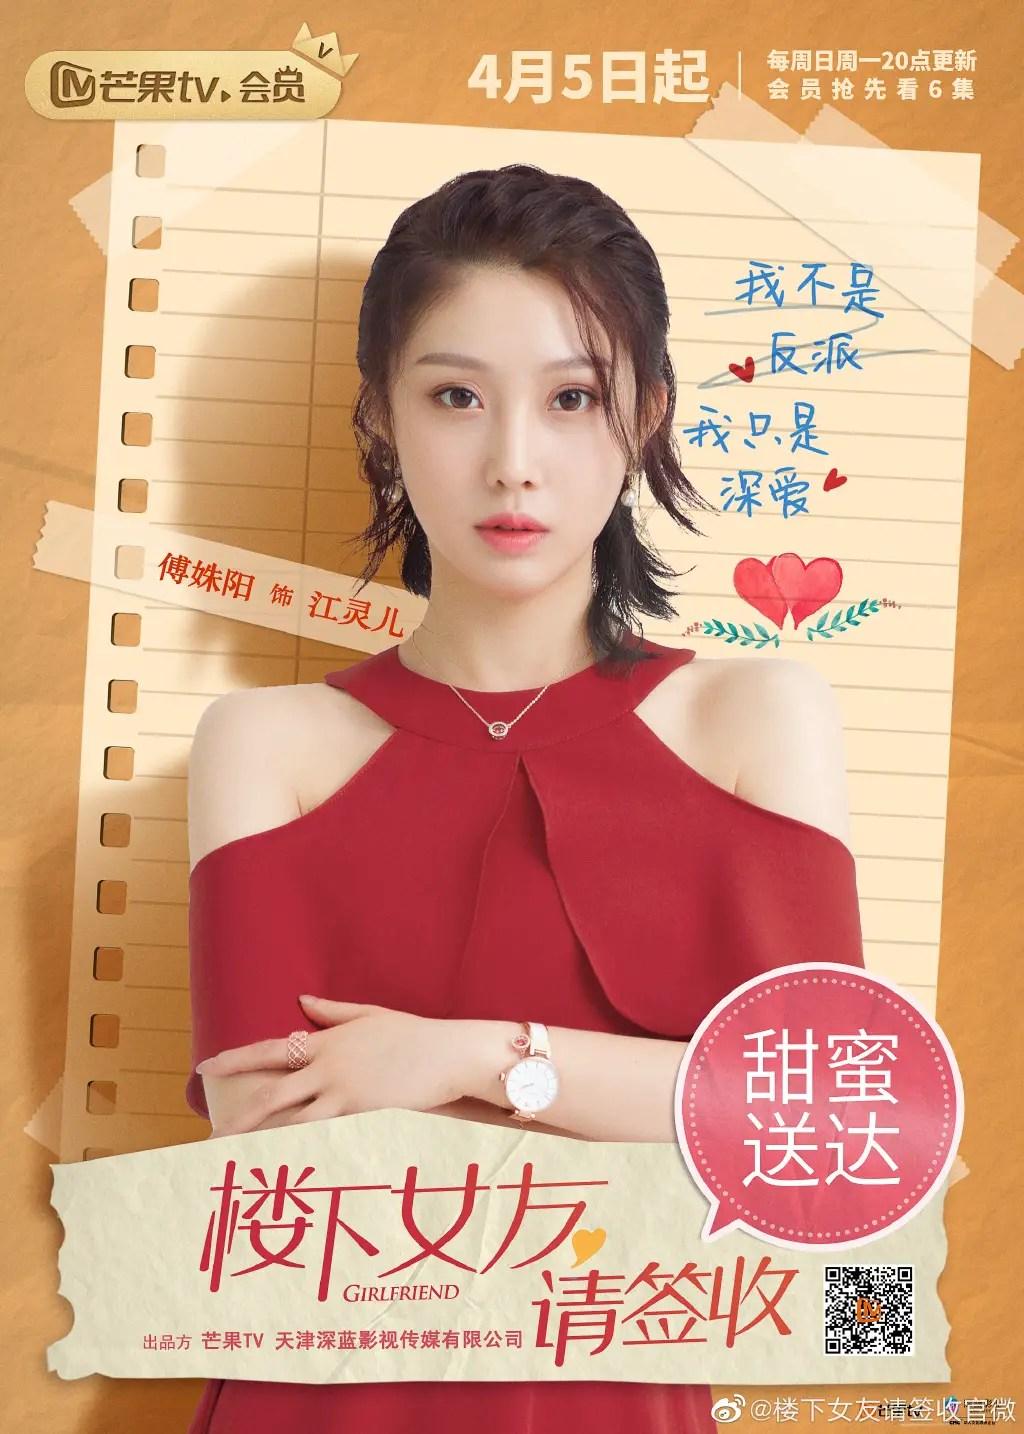 Fu Shu Yang